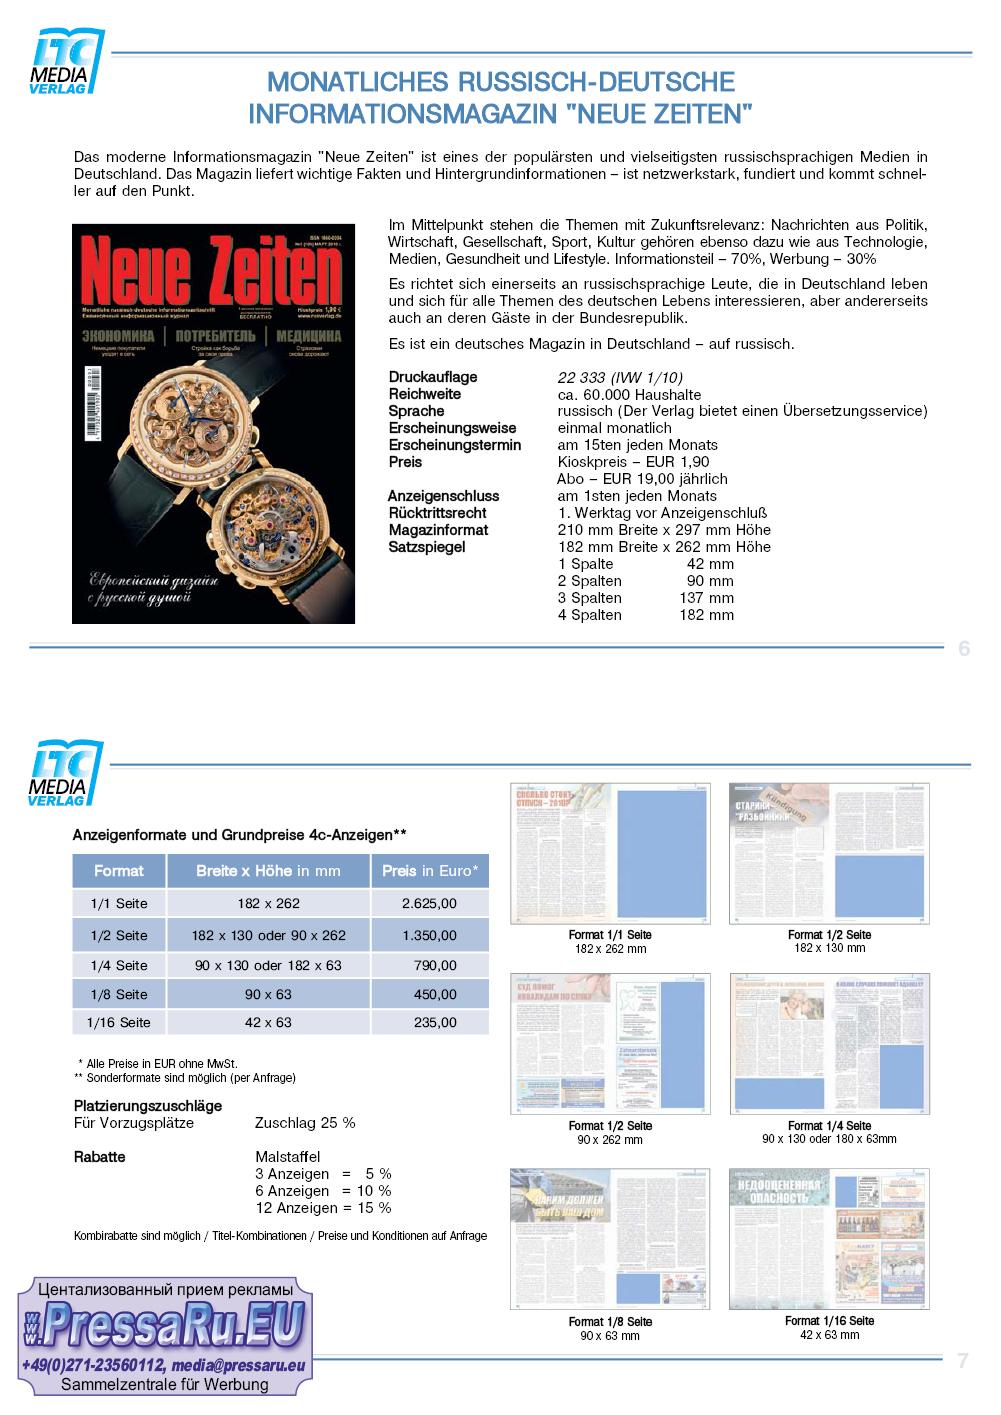 Реклама в Neue Zeiten (журнал), цены